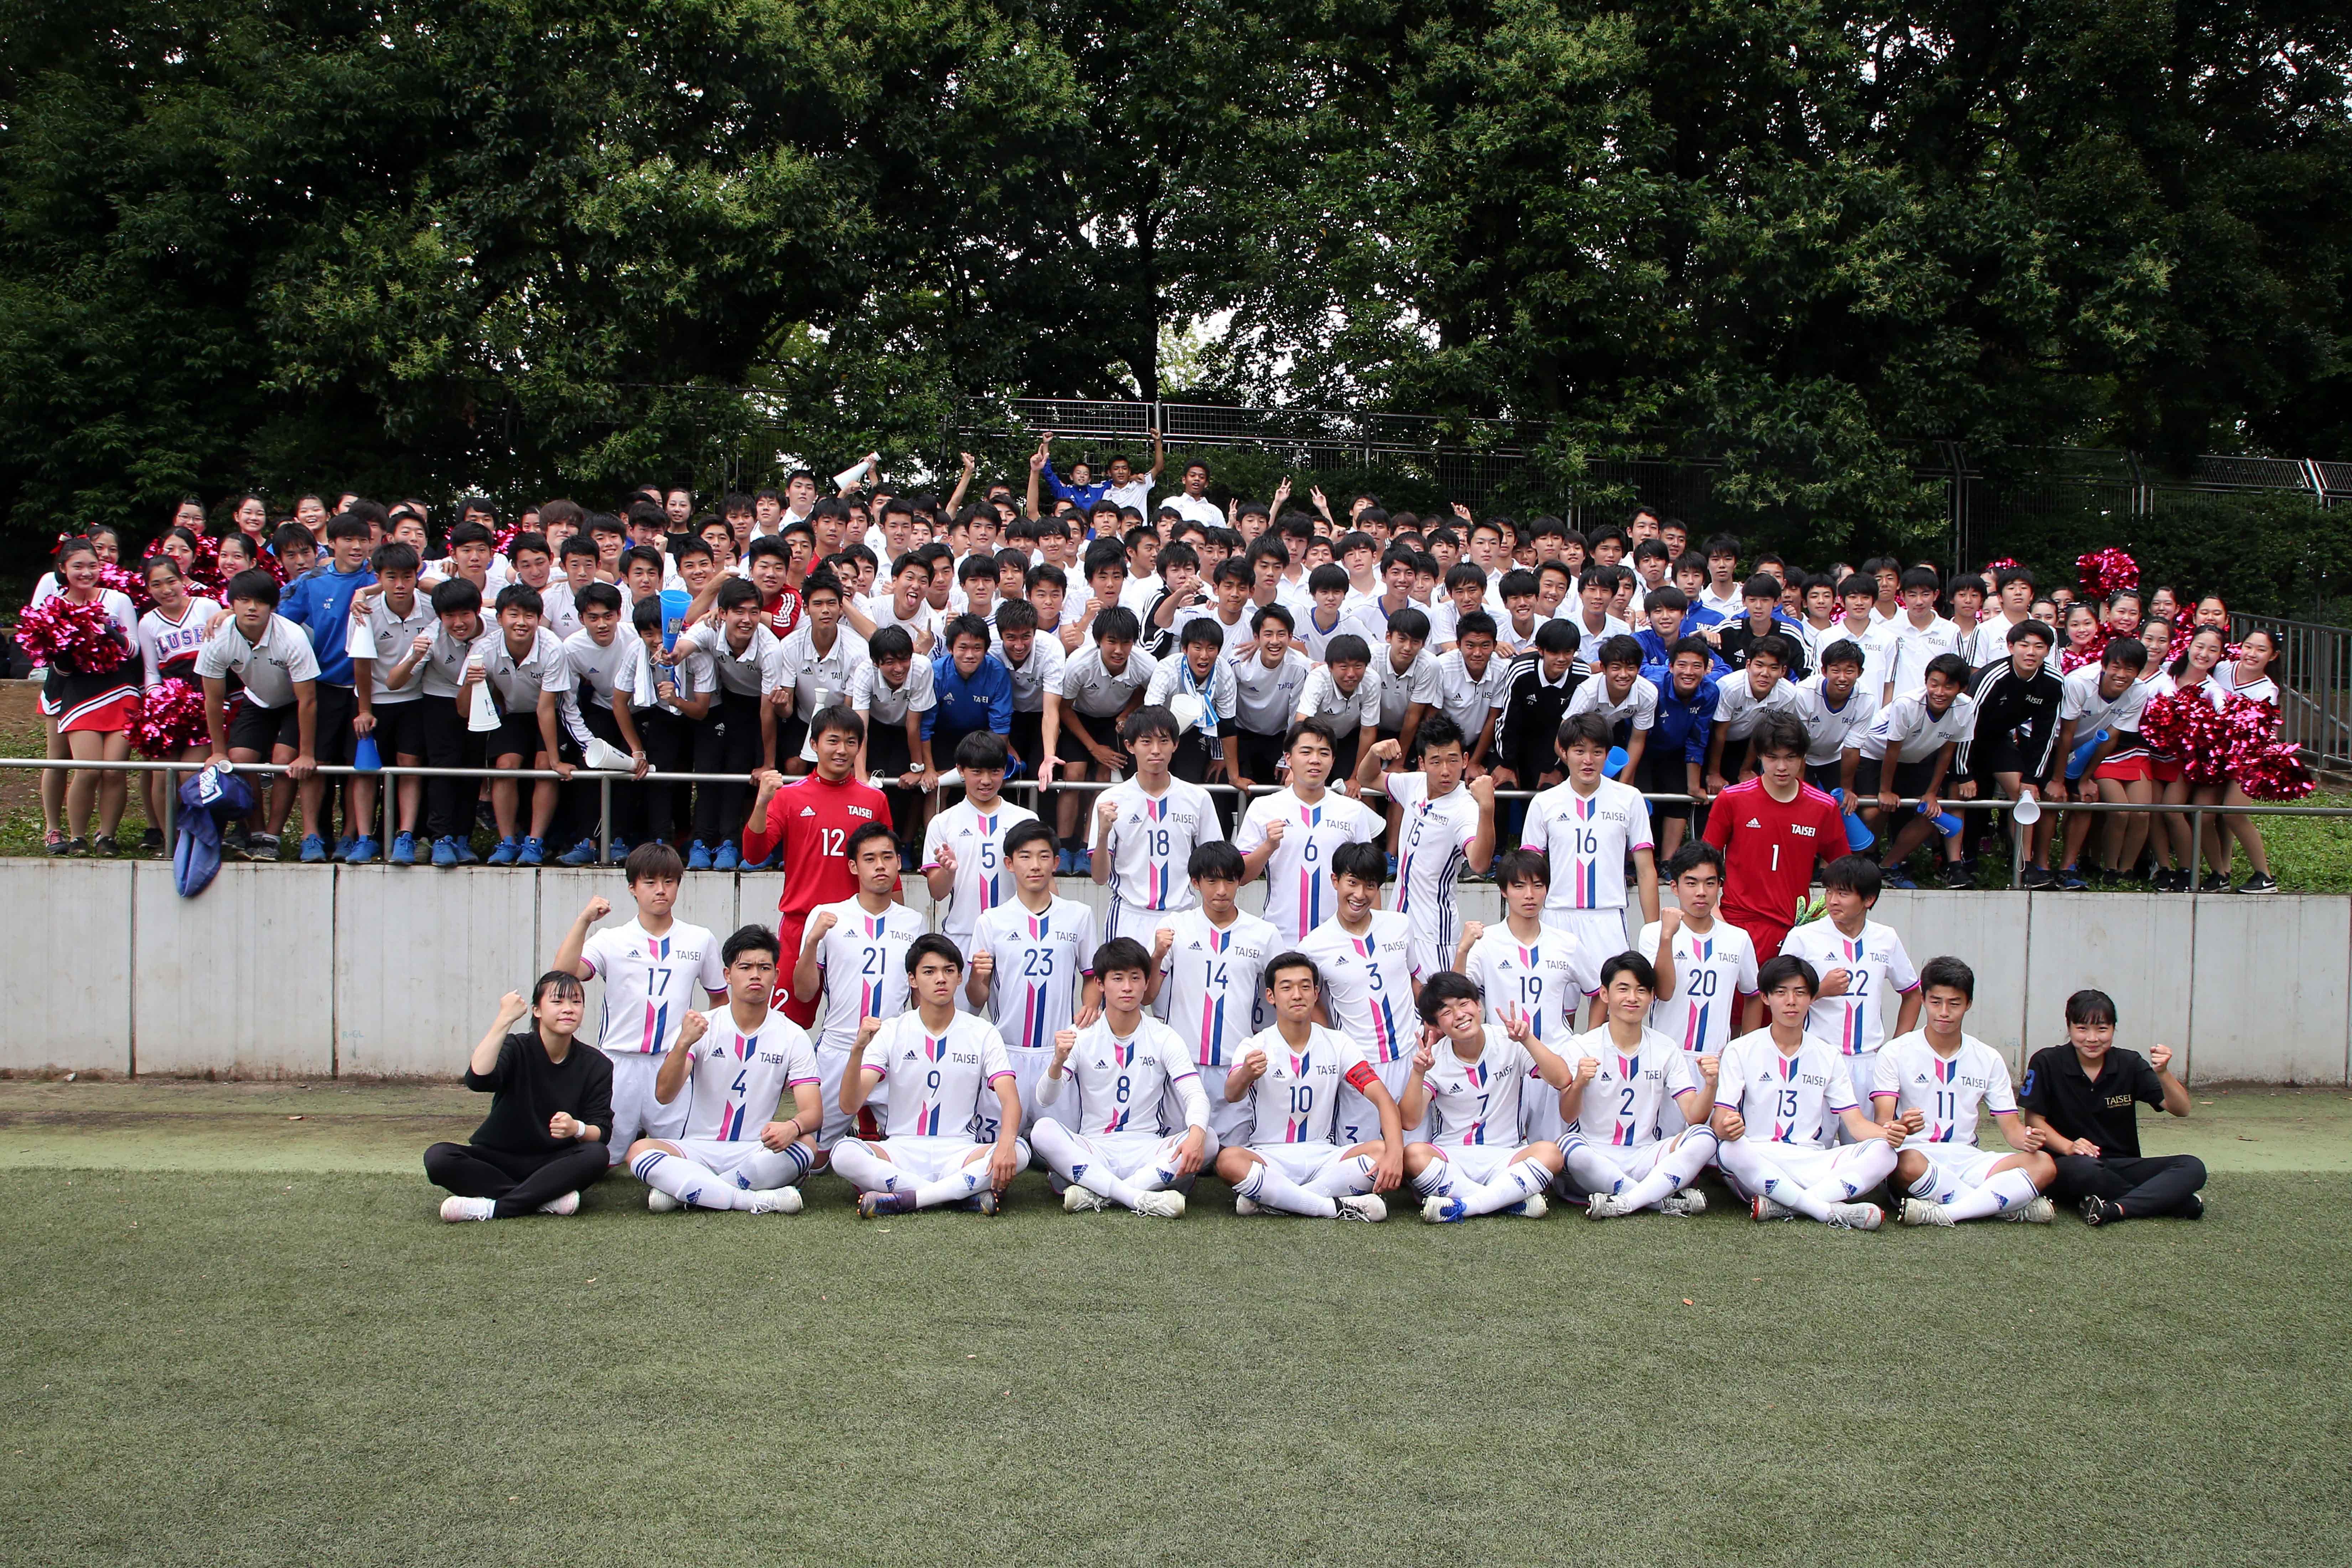 全国大会初出場を決めた大成高校サッカー部【写真:平野貴也】